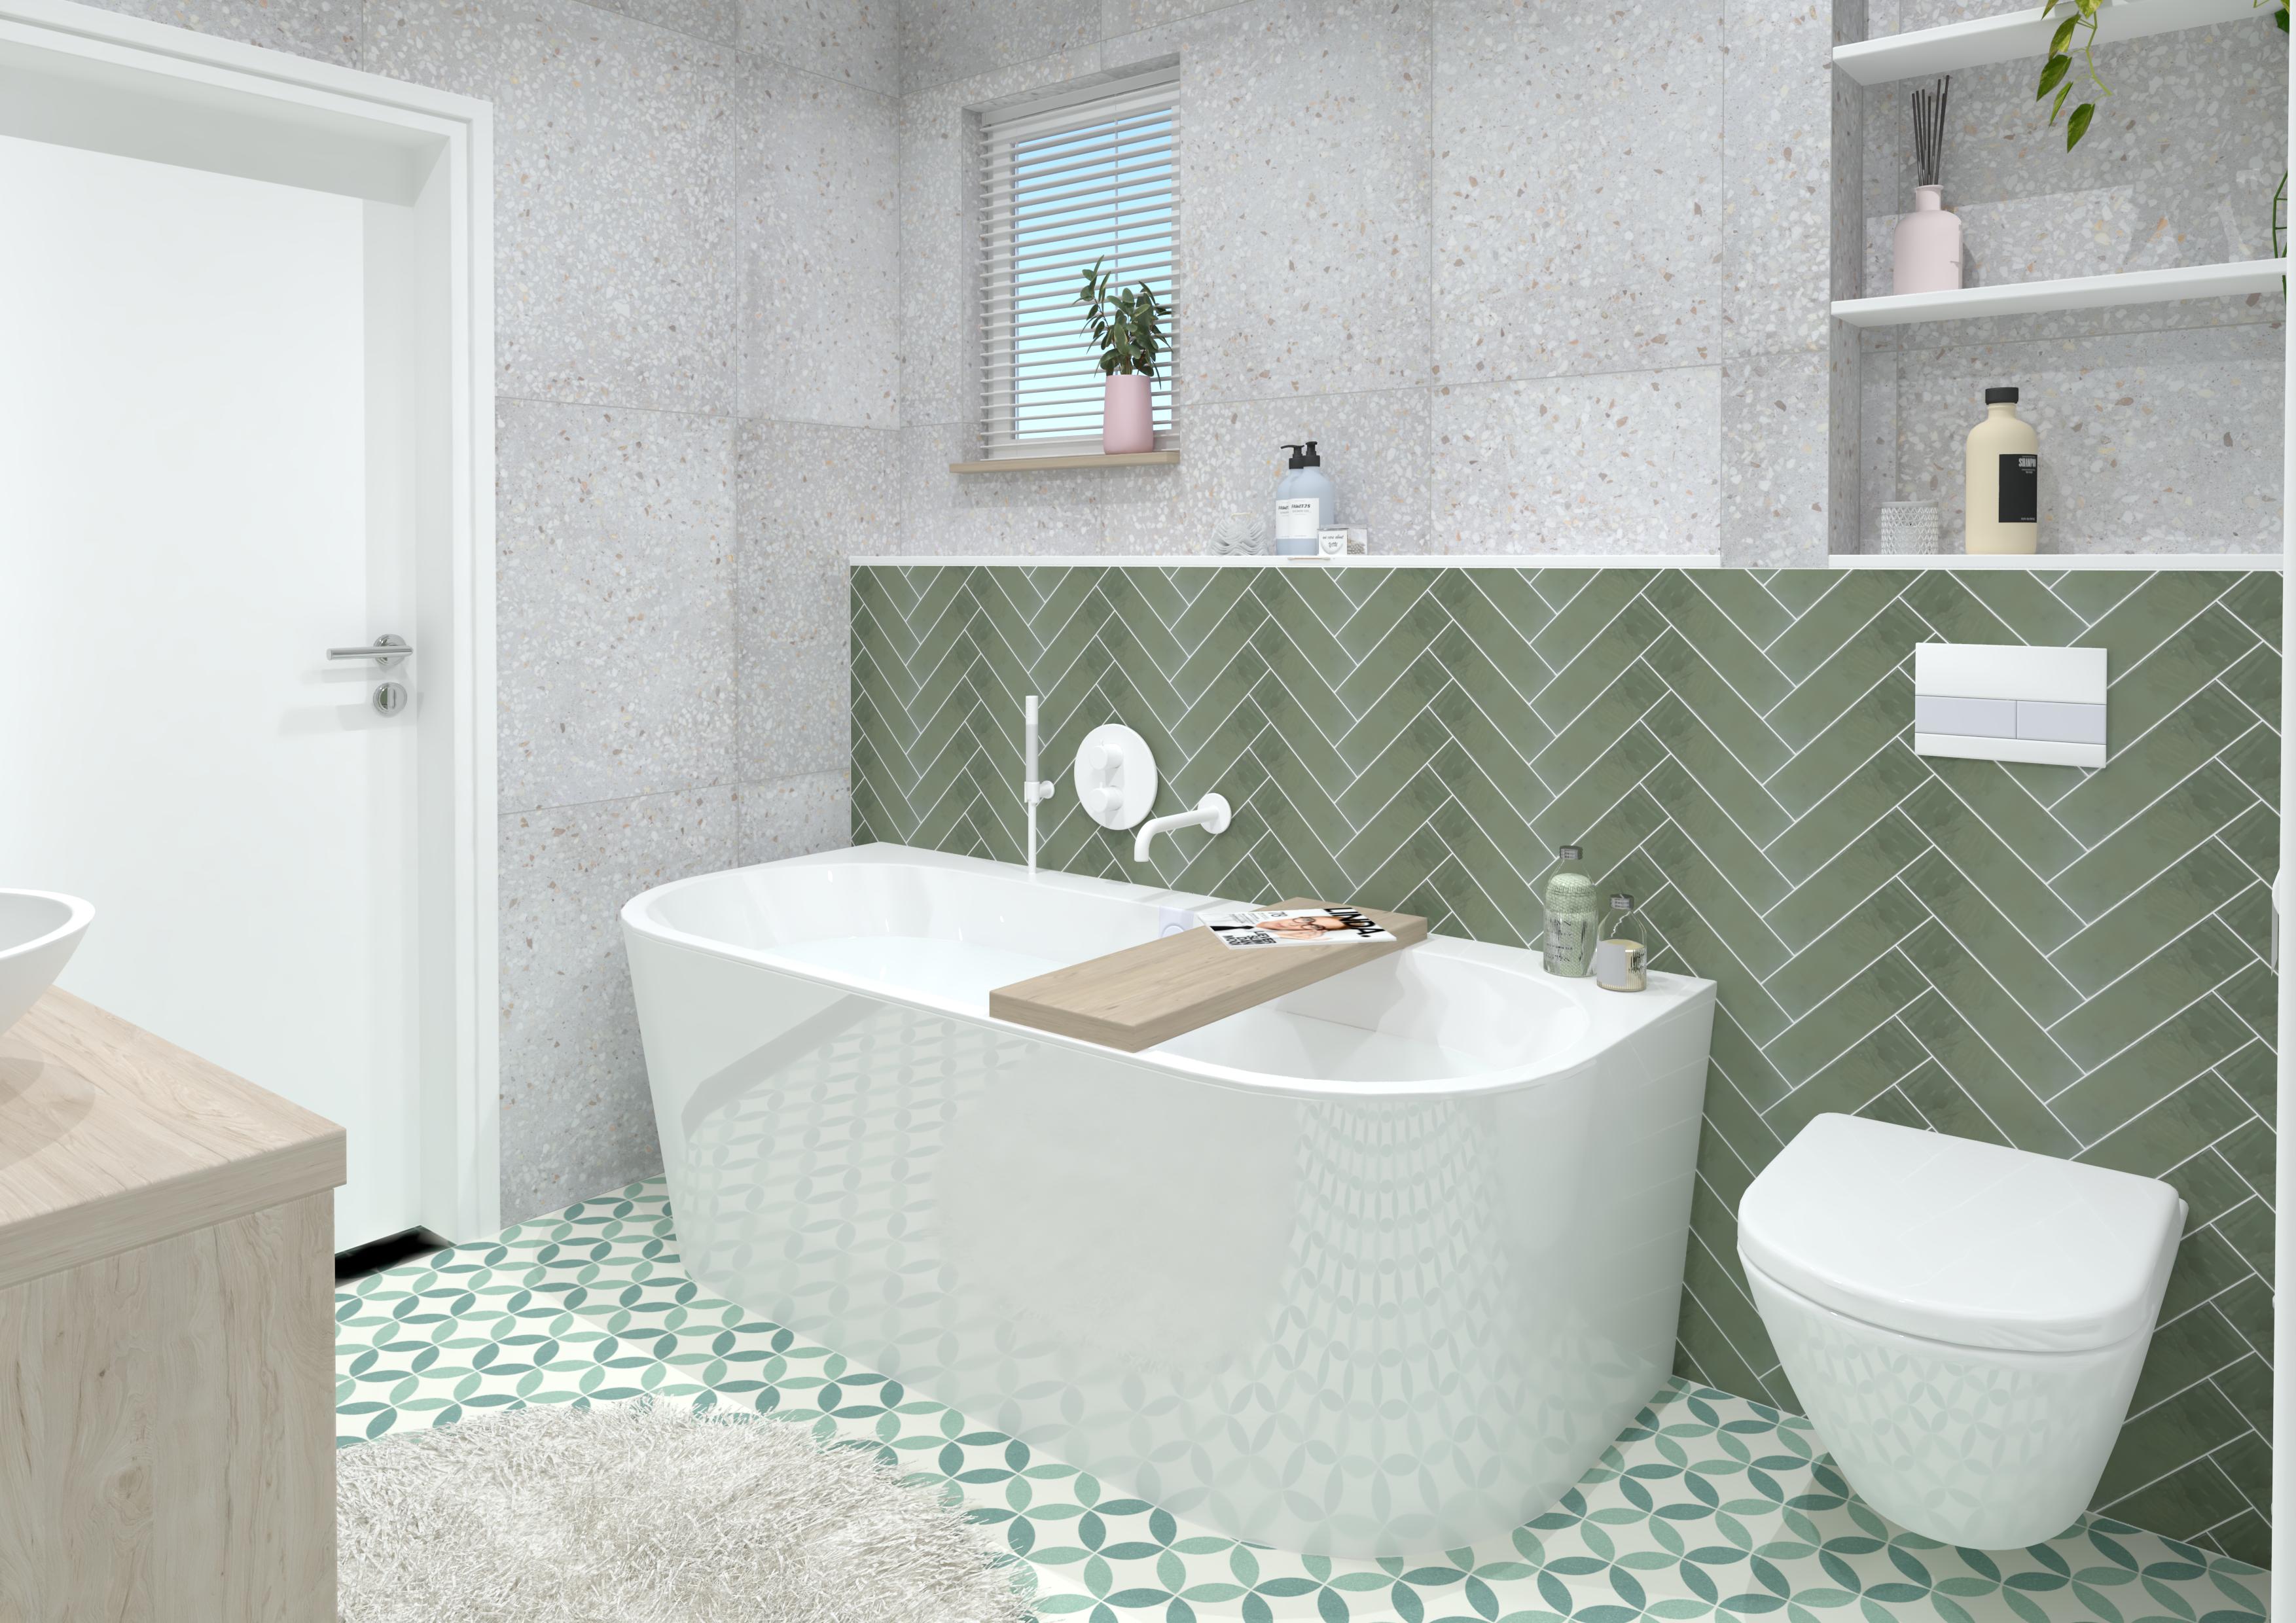 Hedendaags Badkamer Blog | Inspiratie voor de kleine badkamer AX-01